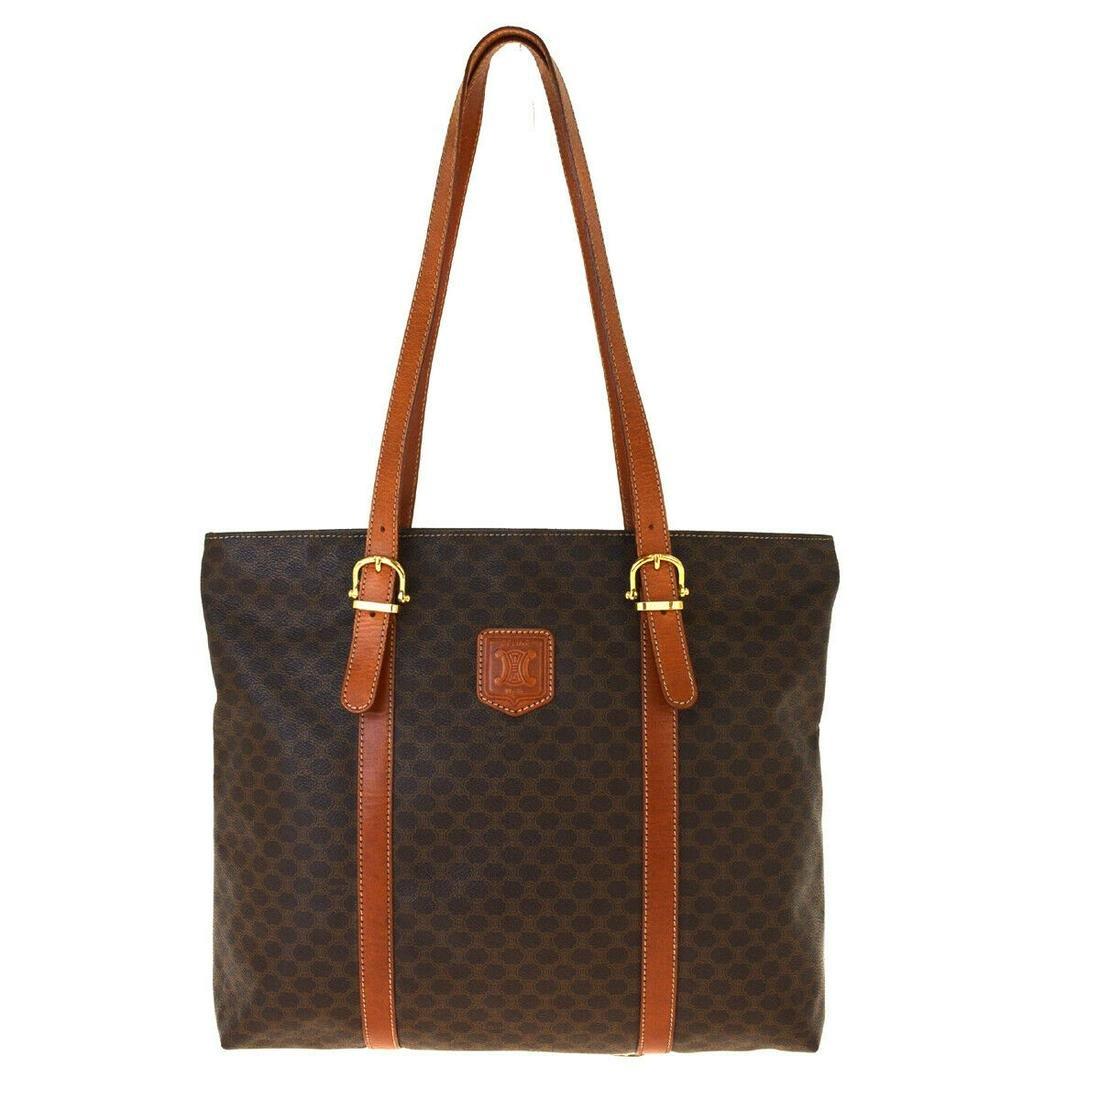 Authentic CELINE PVC Leather Shoulder Bag